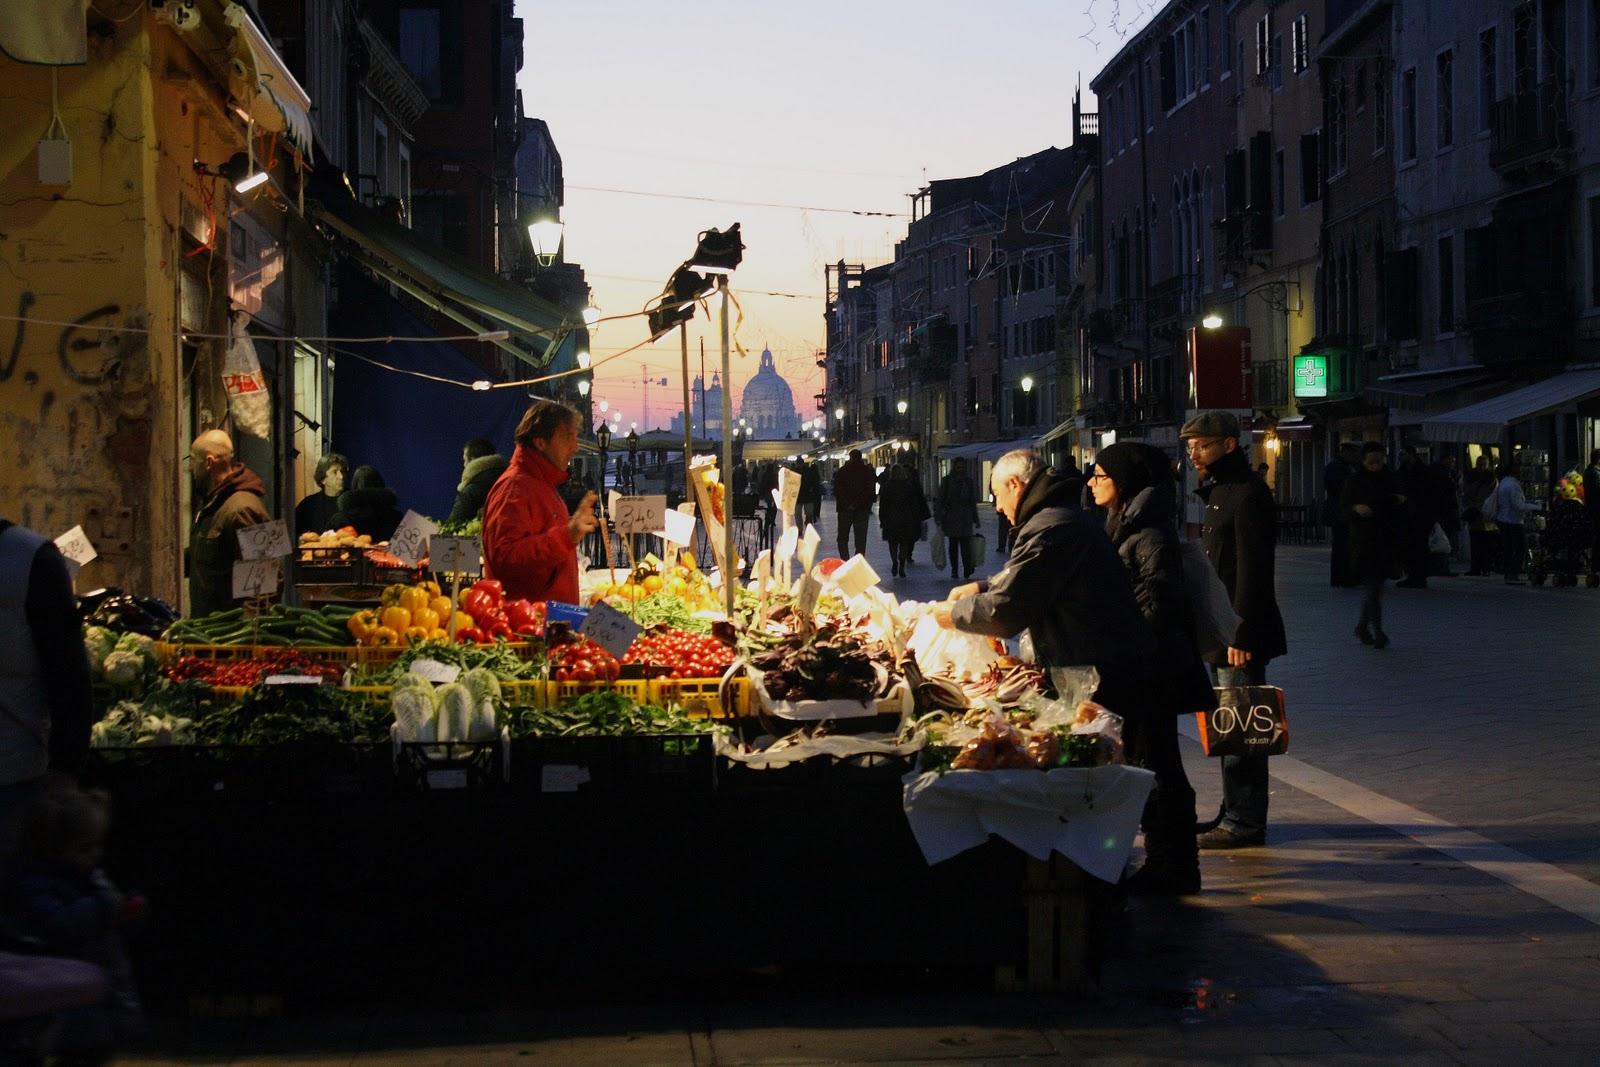 Market of Via Garibaldi in Venice